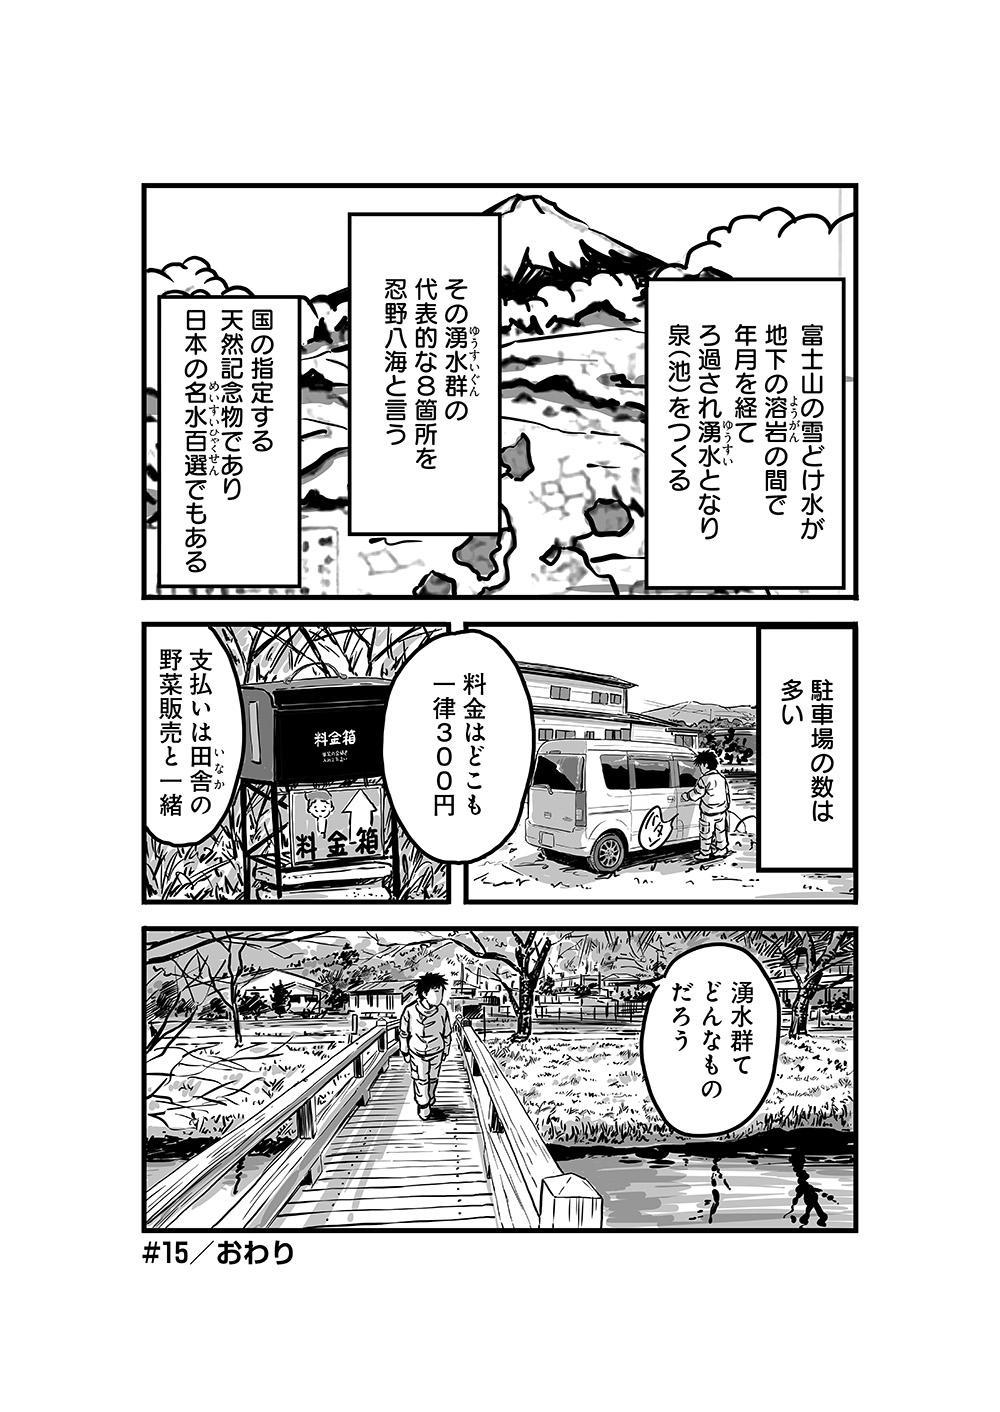 車中泊_15話 4.JPG